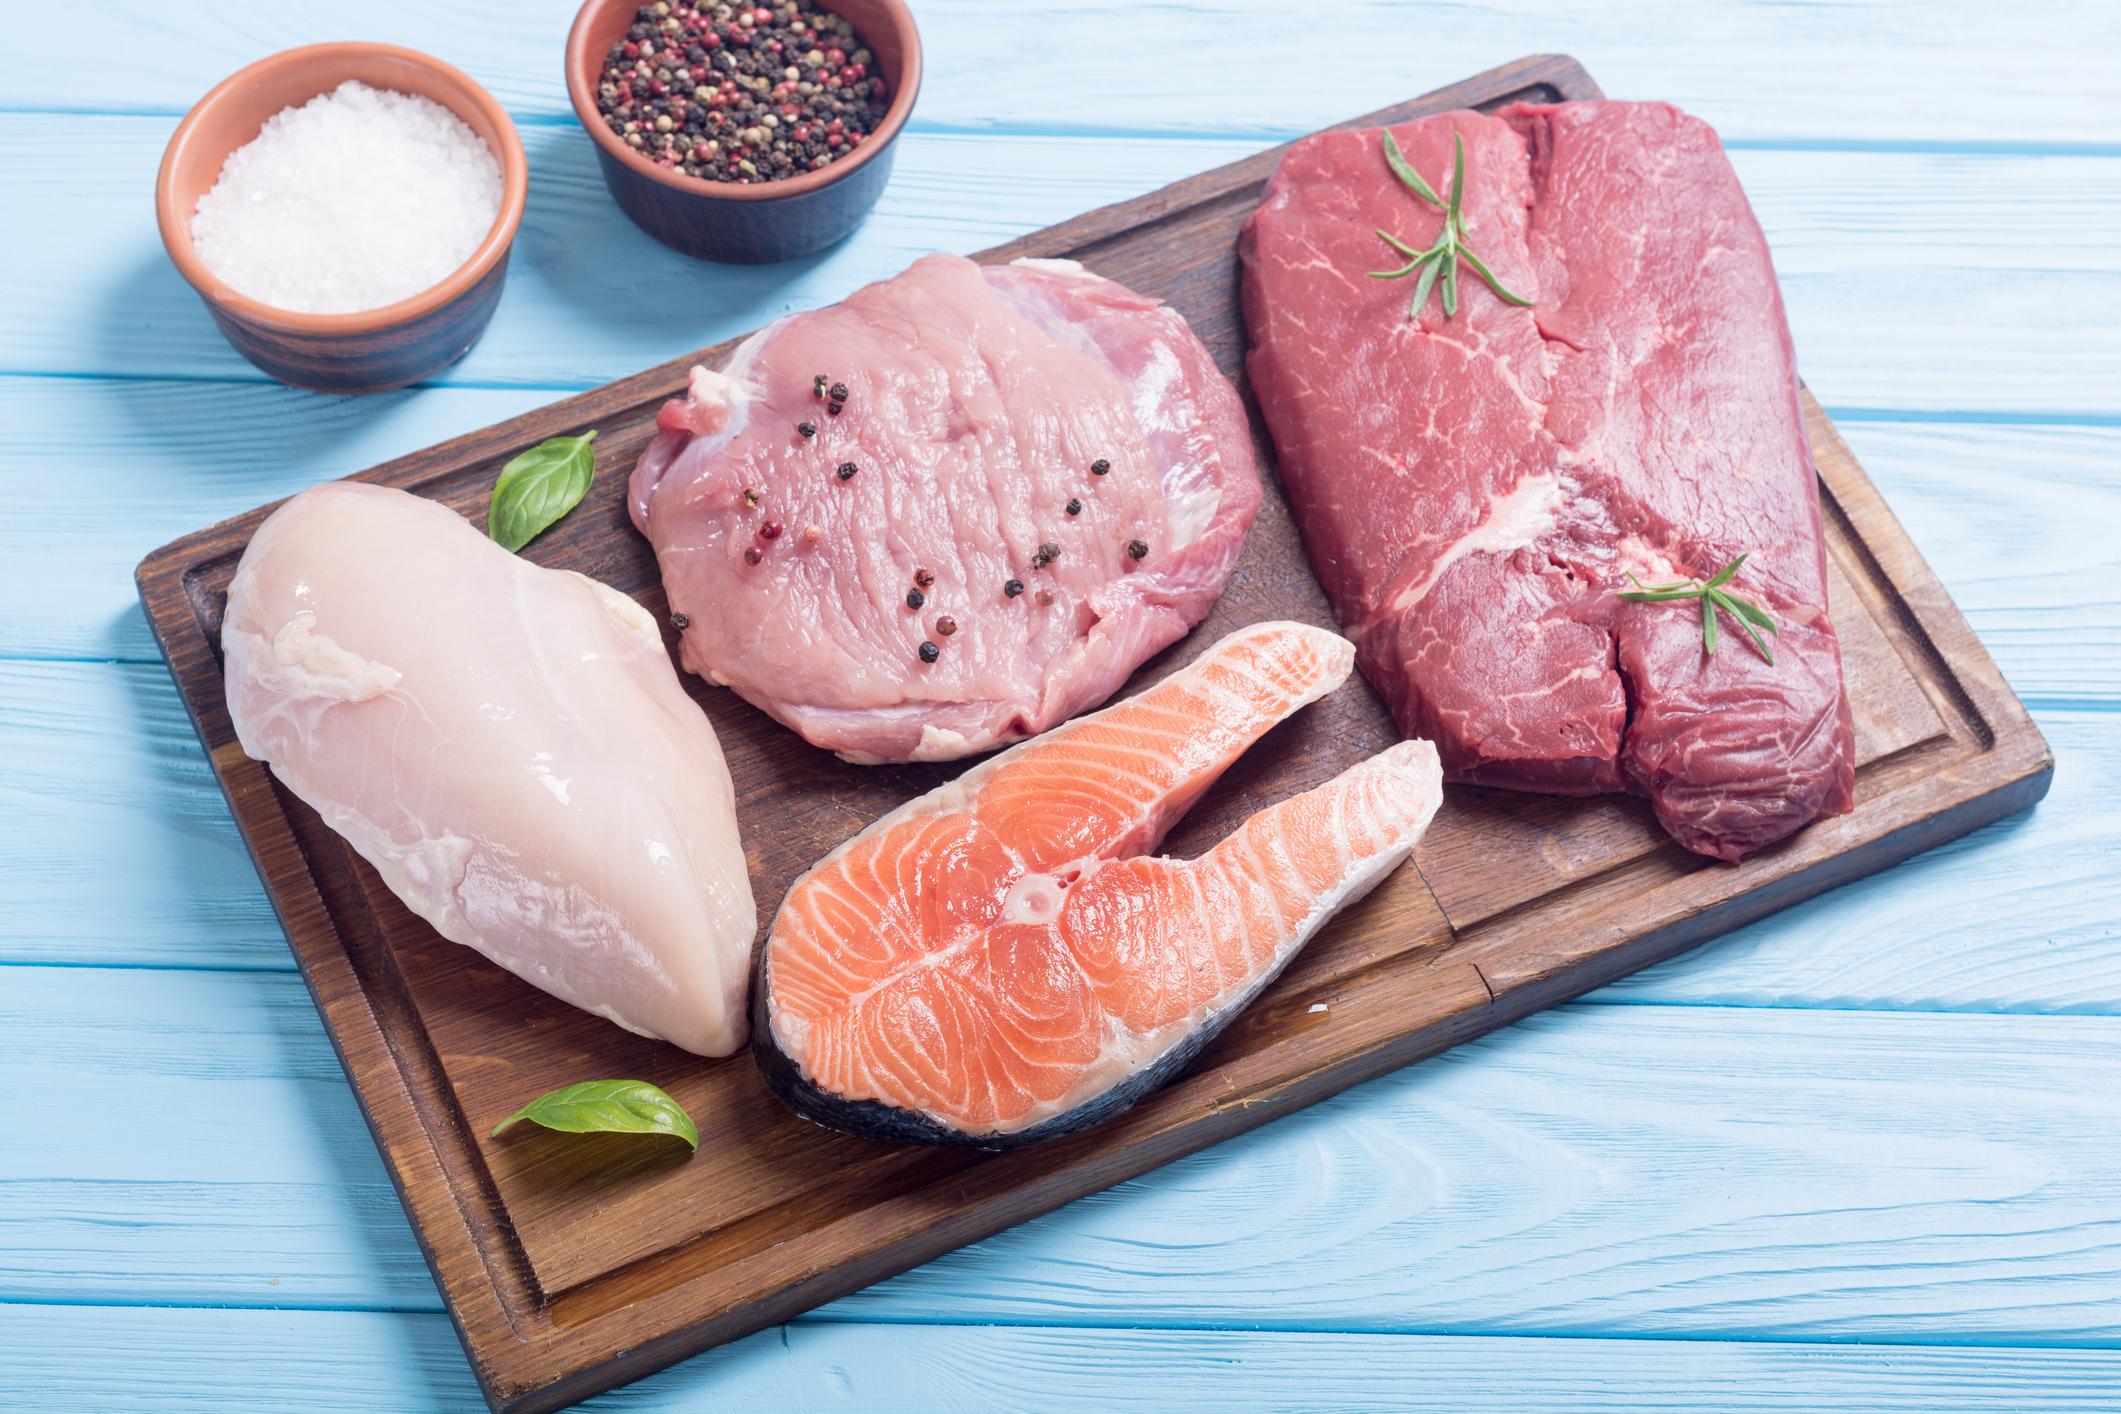 Как научиться выбирать качественное мясо и рыбу